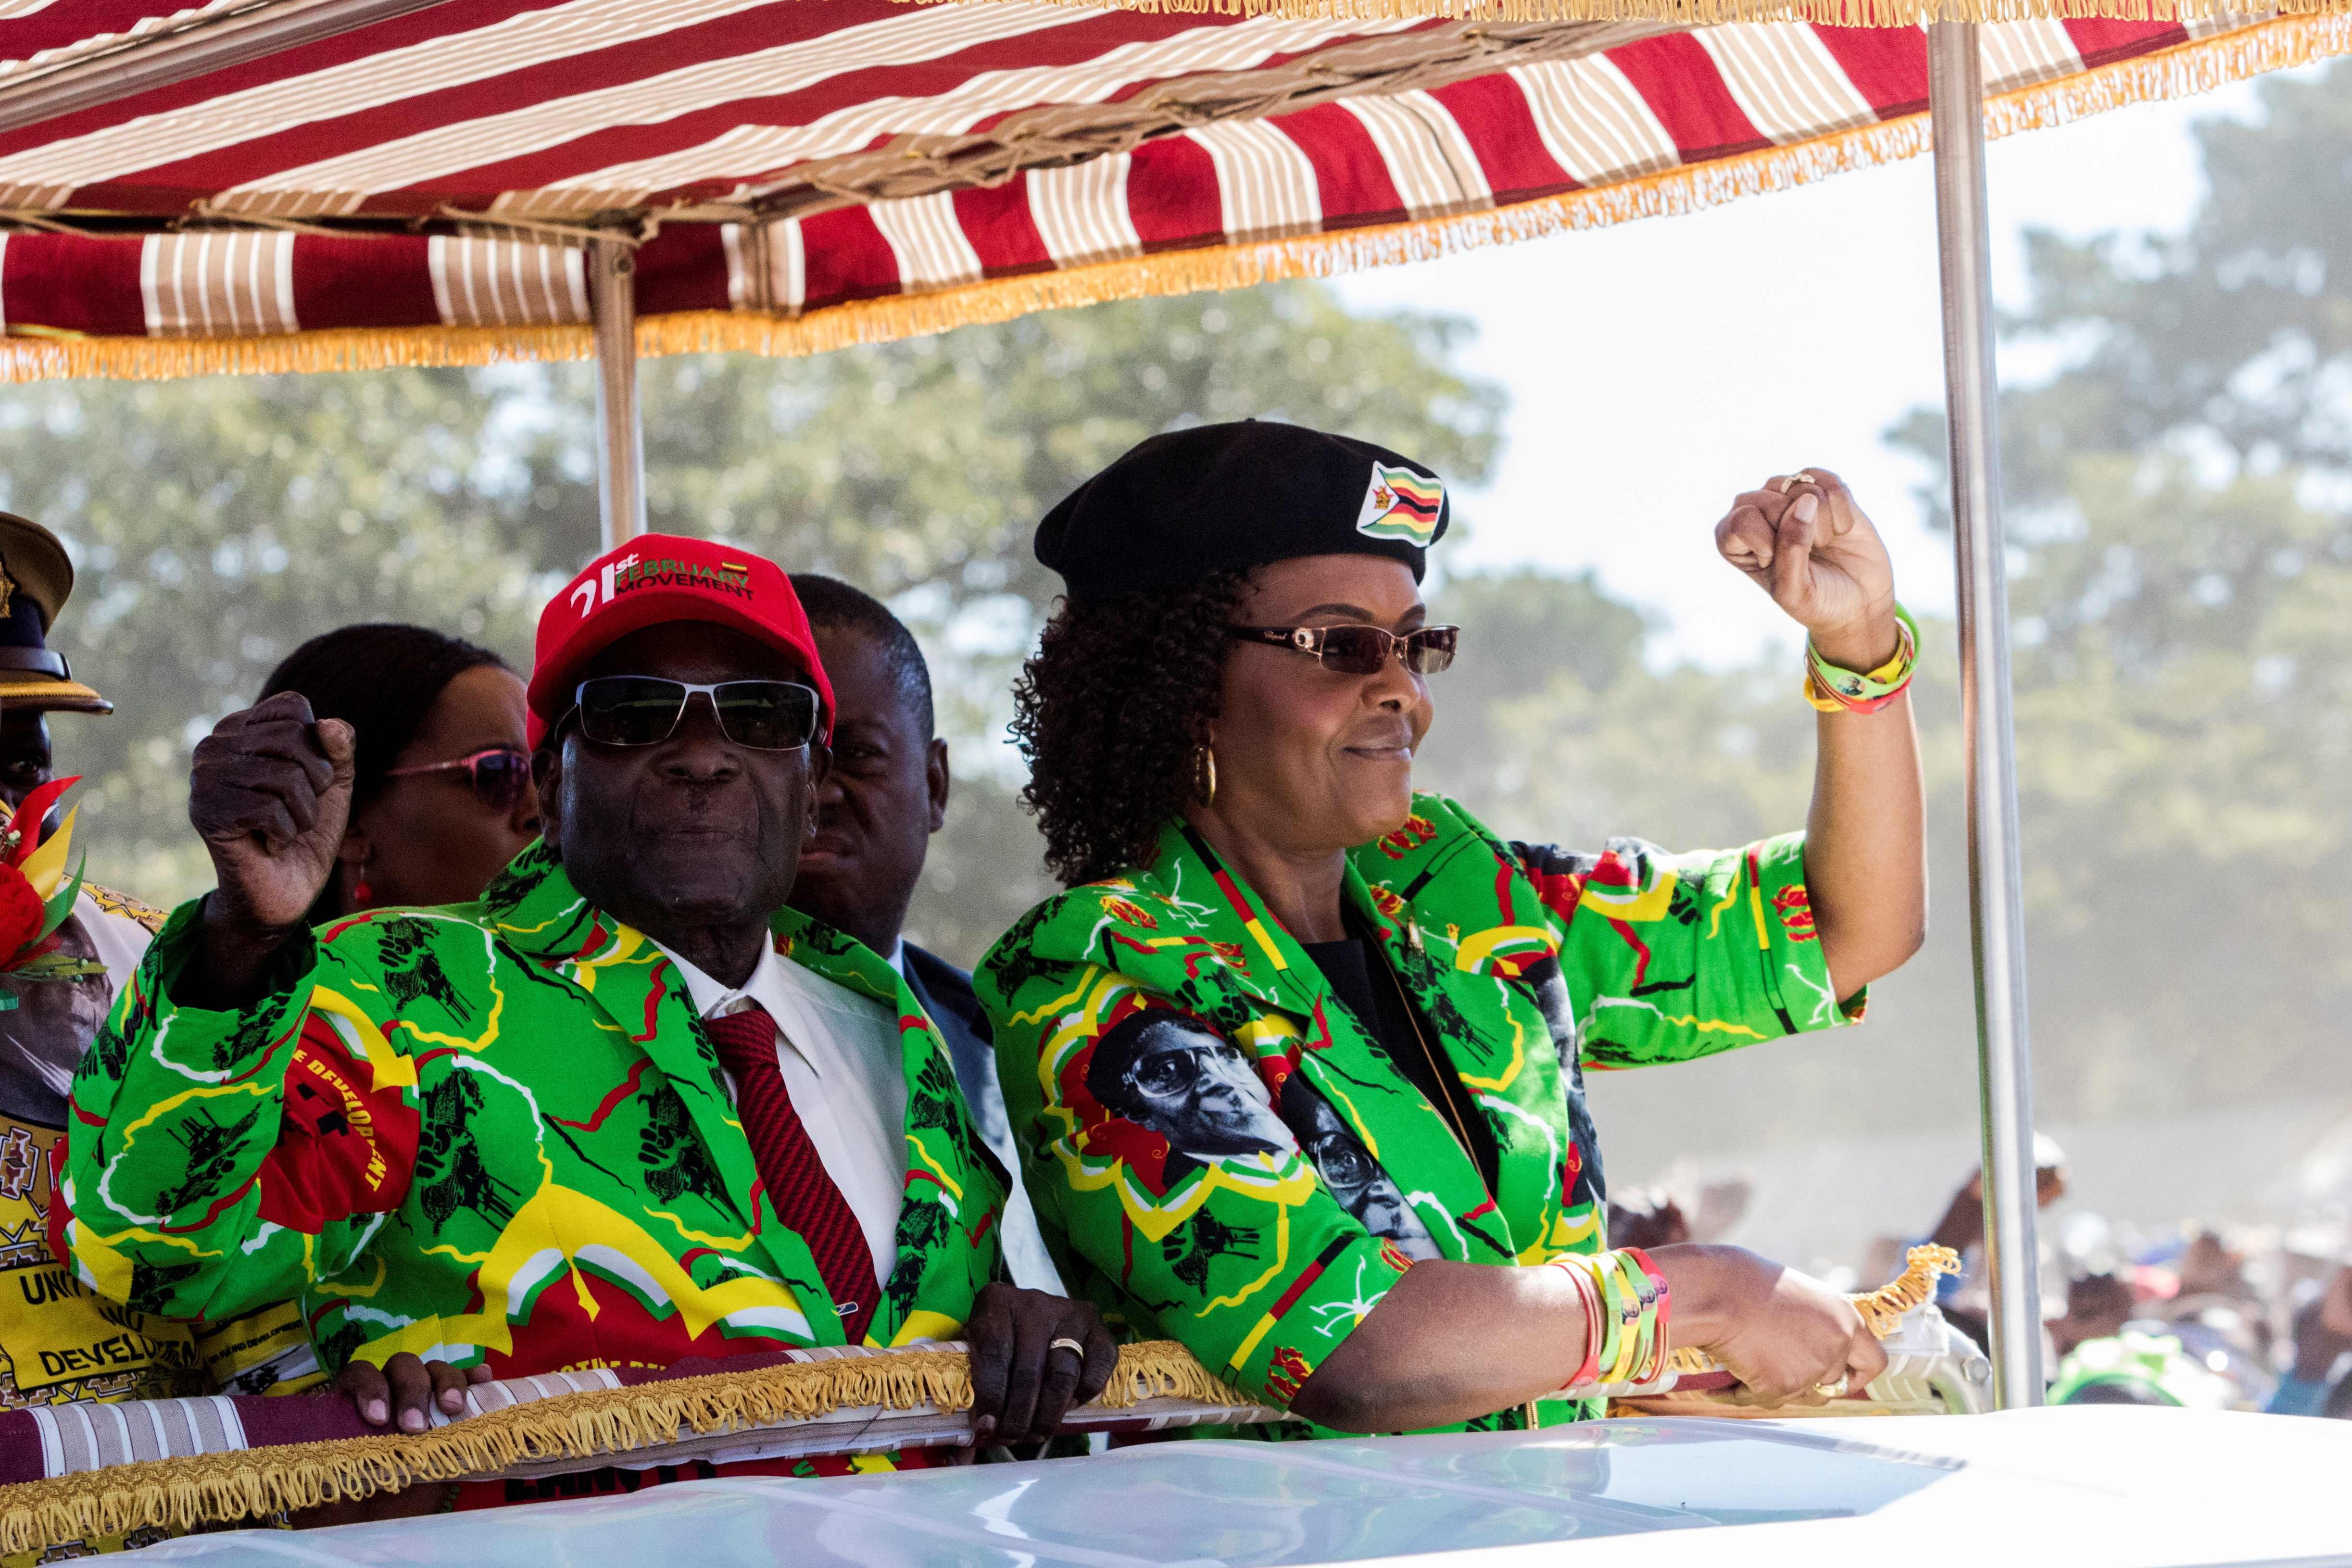 السيدة الأولى فى زيمبابوى جريس موجابى أمام حشد من مؤيديه